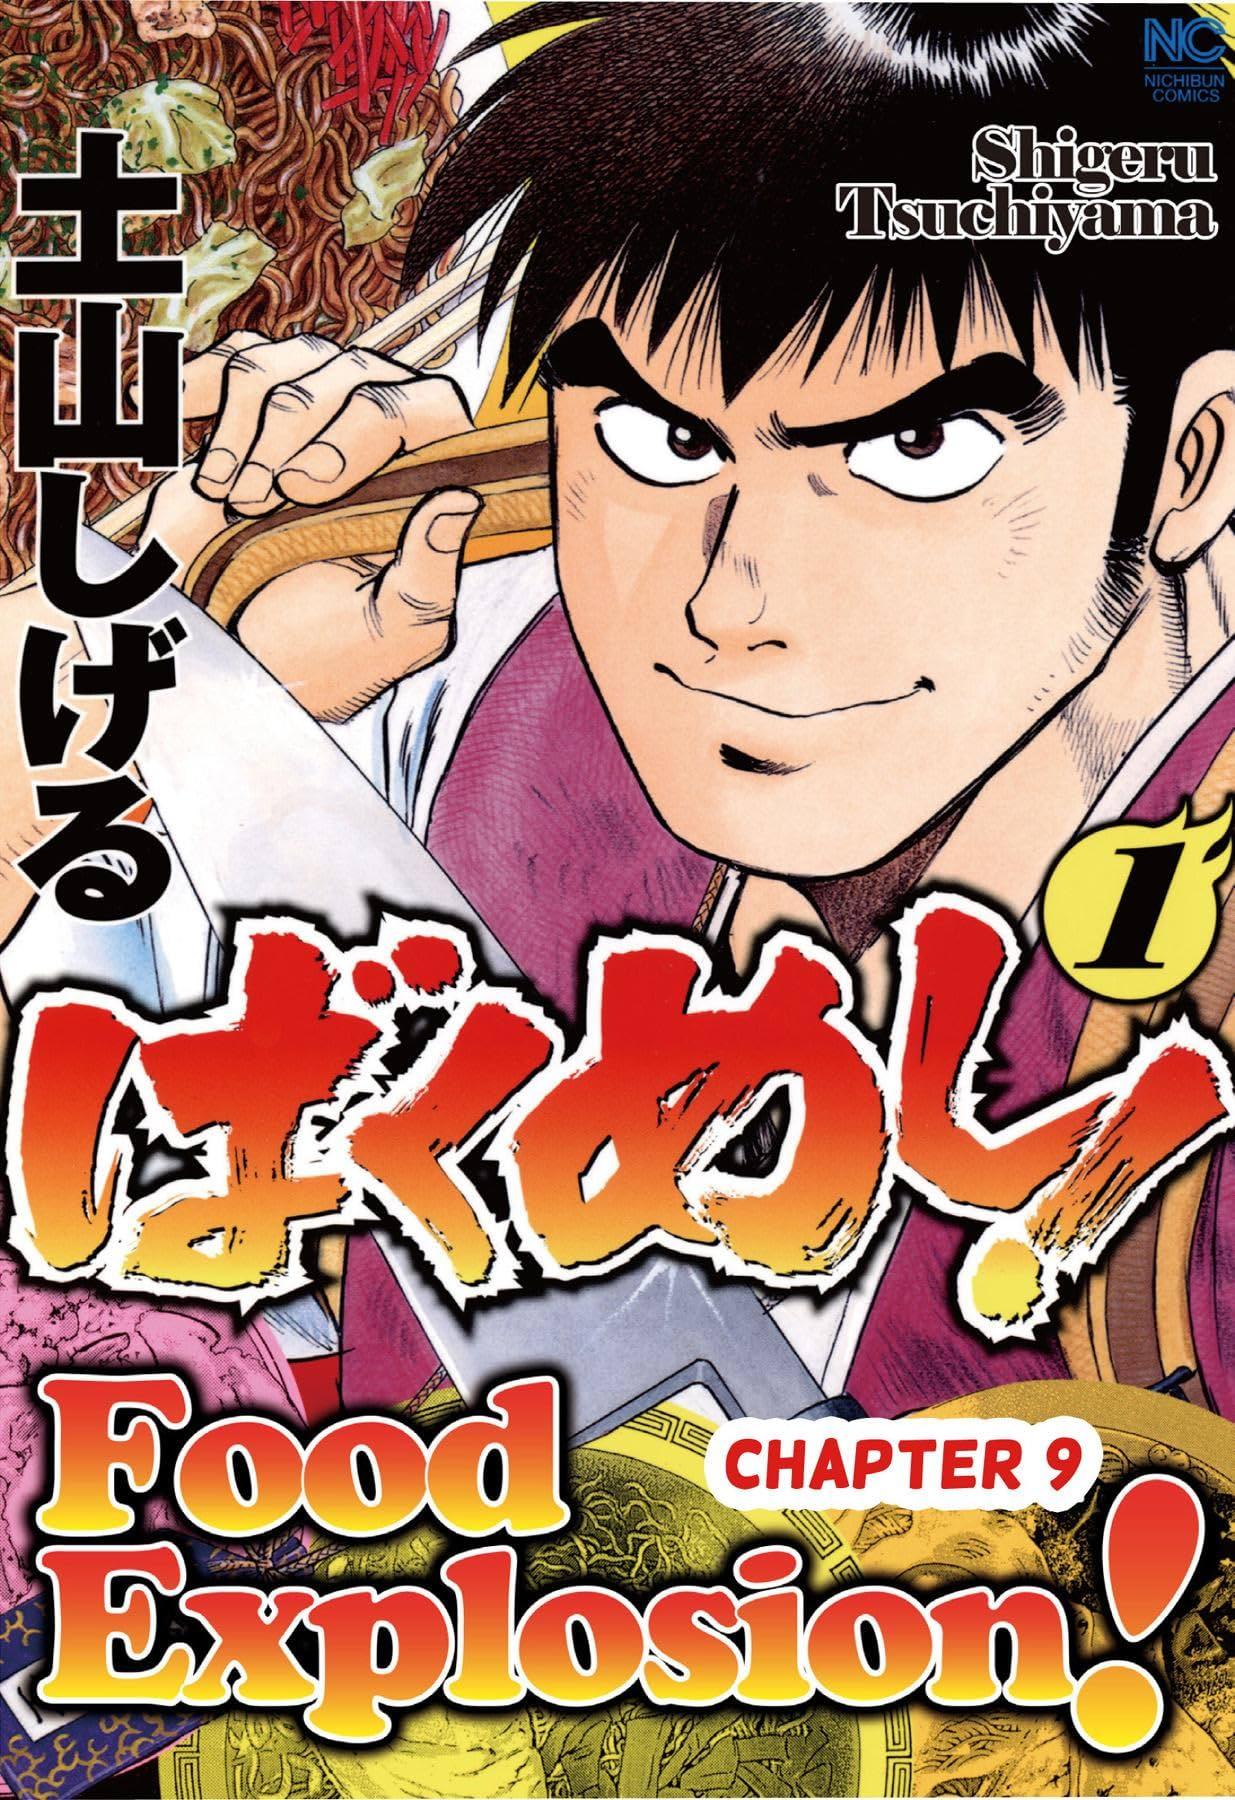 FOOD EXPLOSION #9